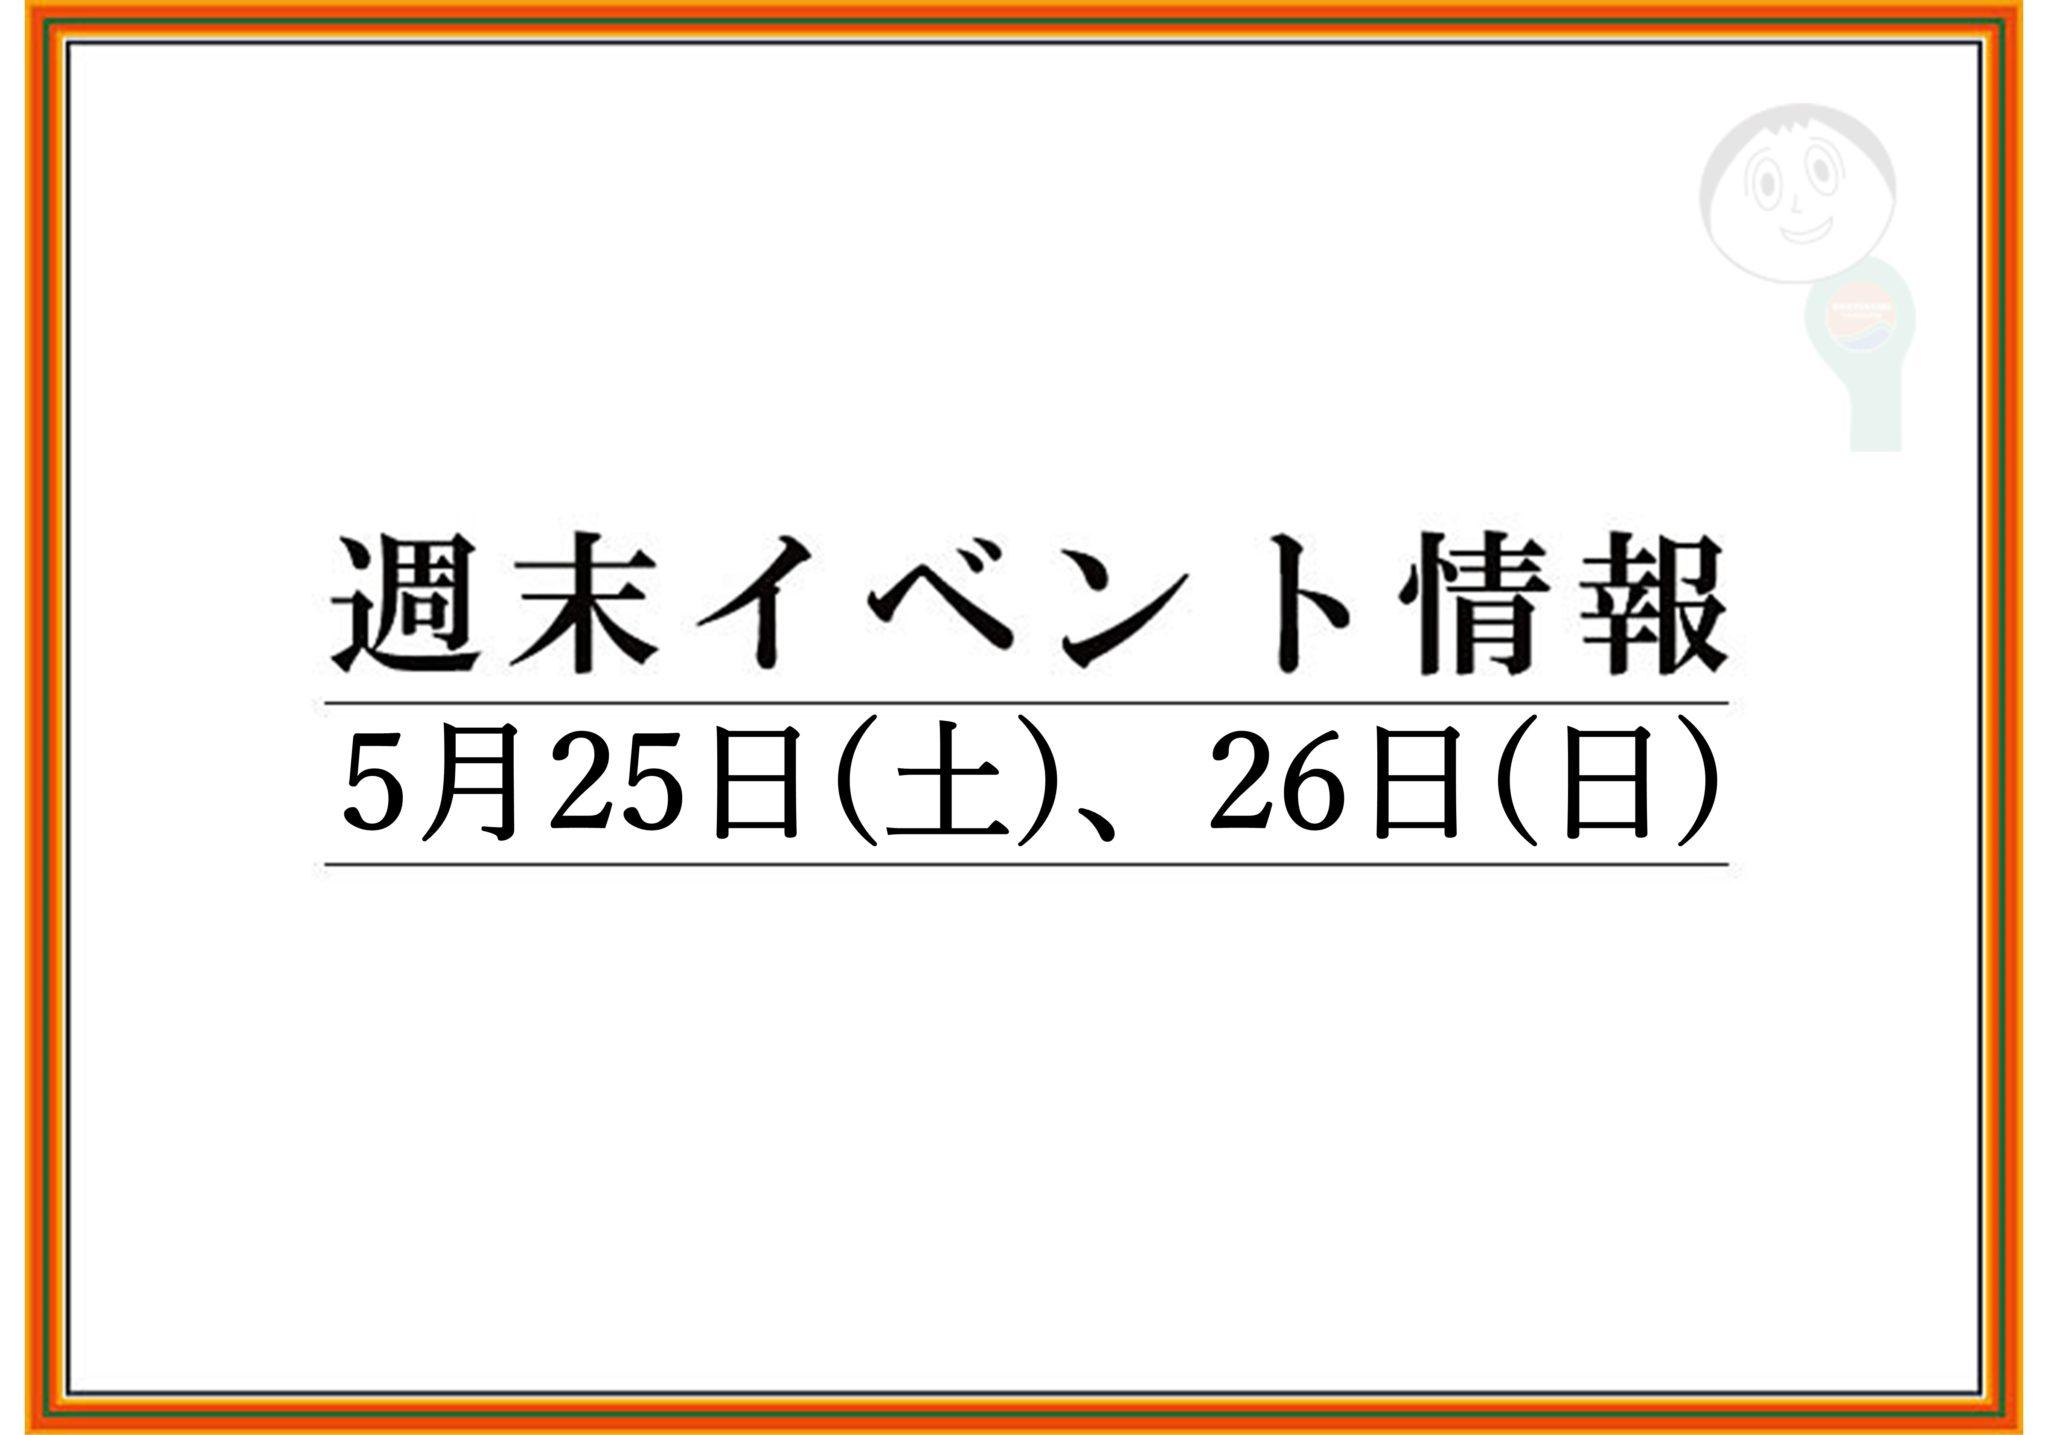 山形市周辺の週末イベント情報 5月25日(土),26日(日)